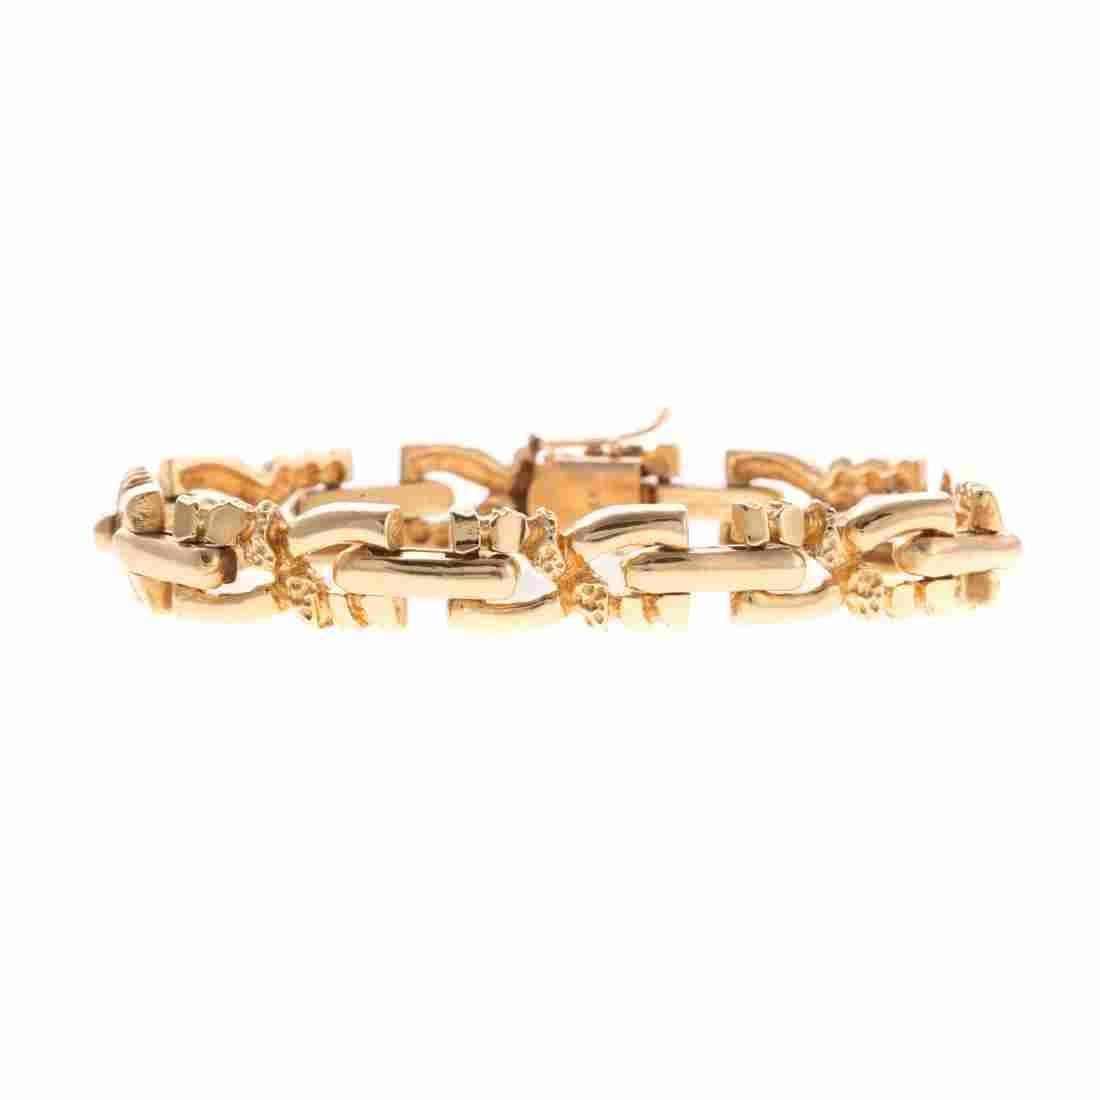 A Gentlemen's Link Bracelet in 14K Gold